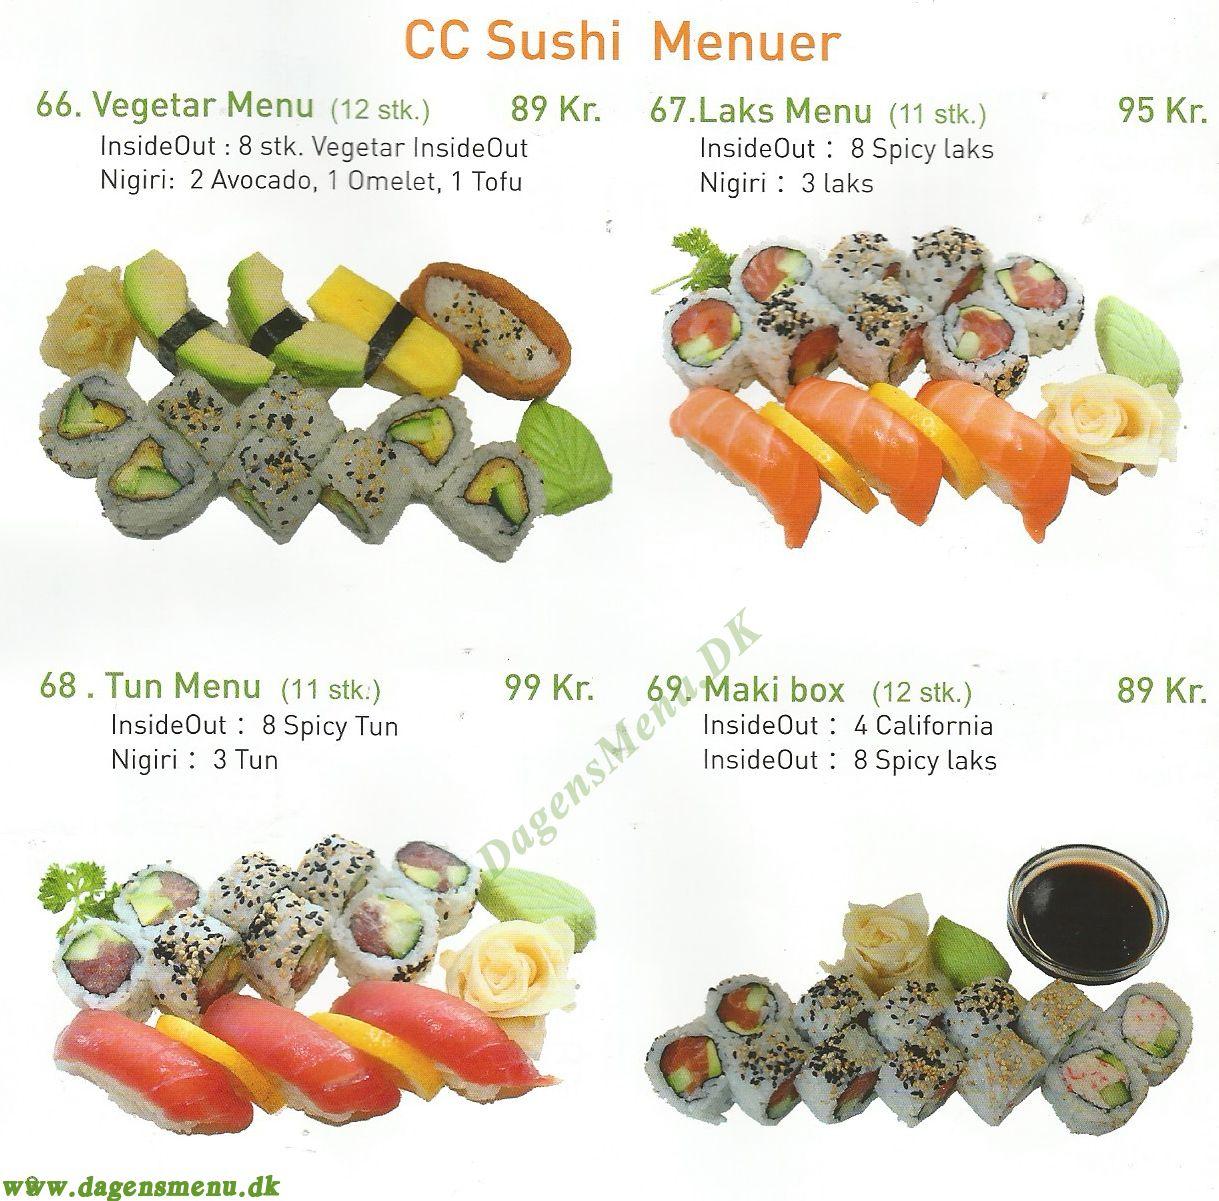 CC Restaurant, Sushi & Wok - Menukort